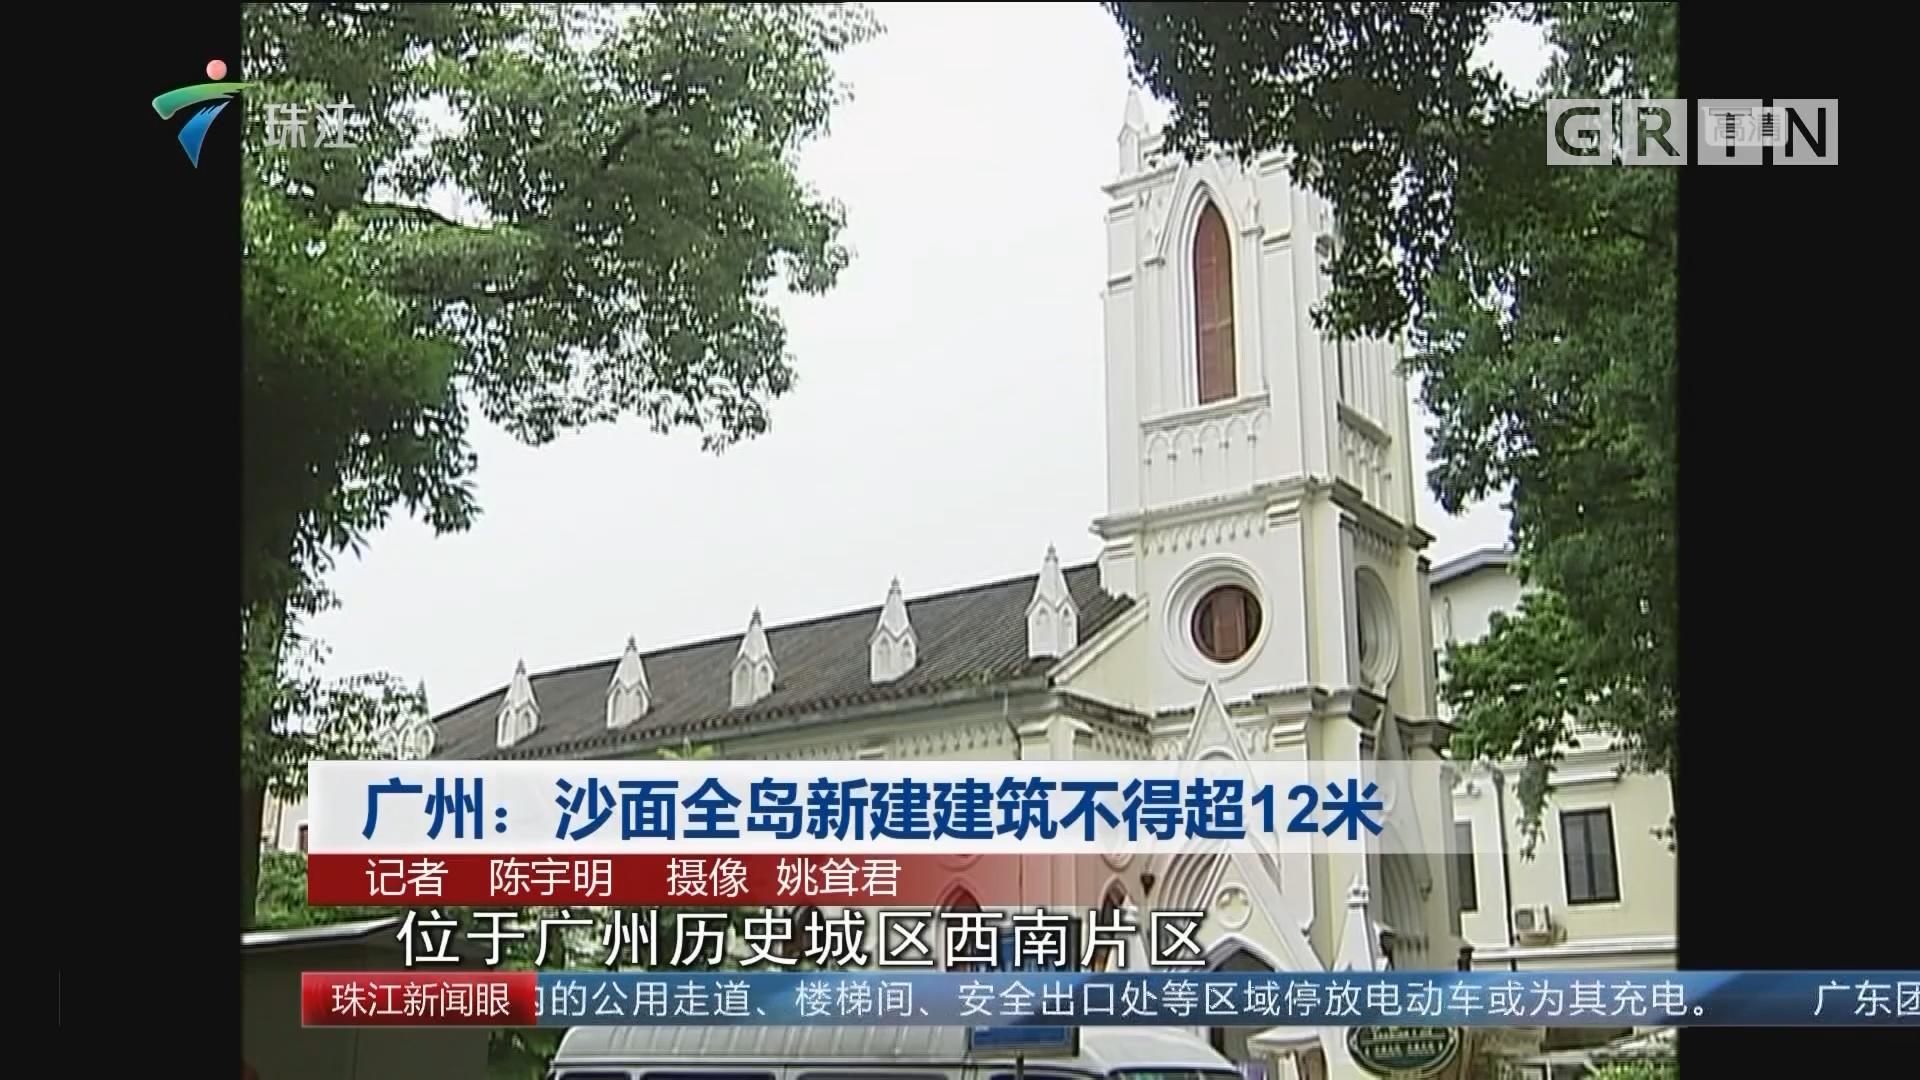 广州:沙面全岛新建建筑不得超12米